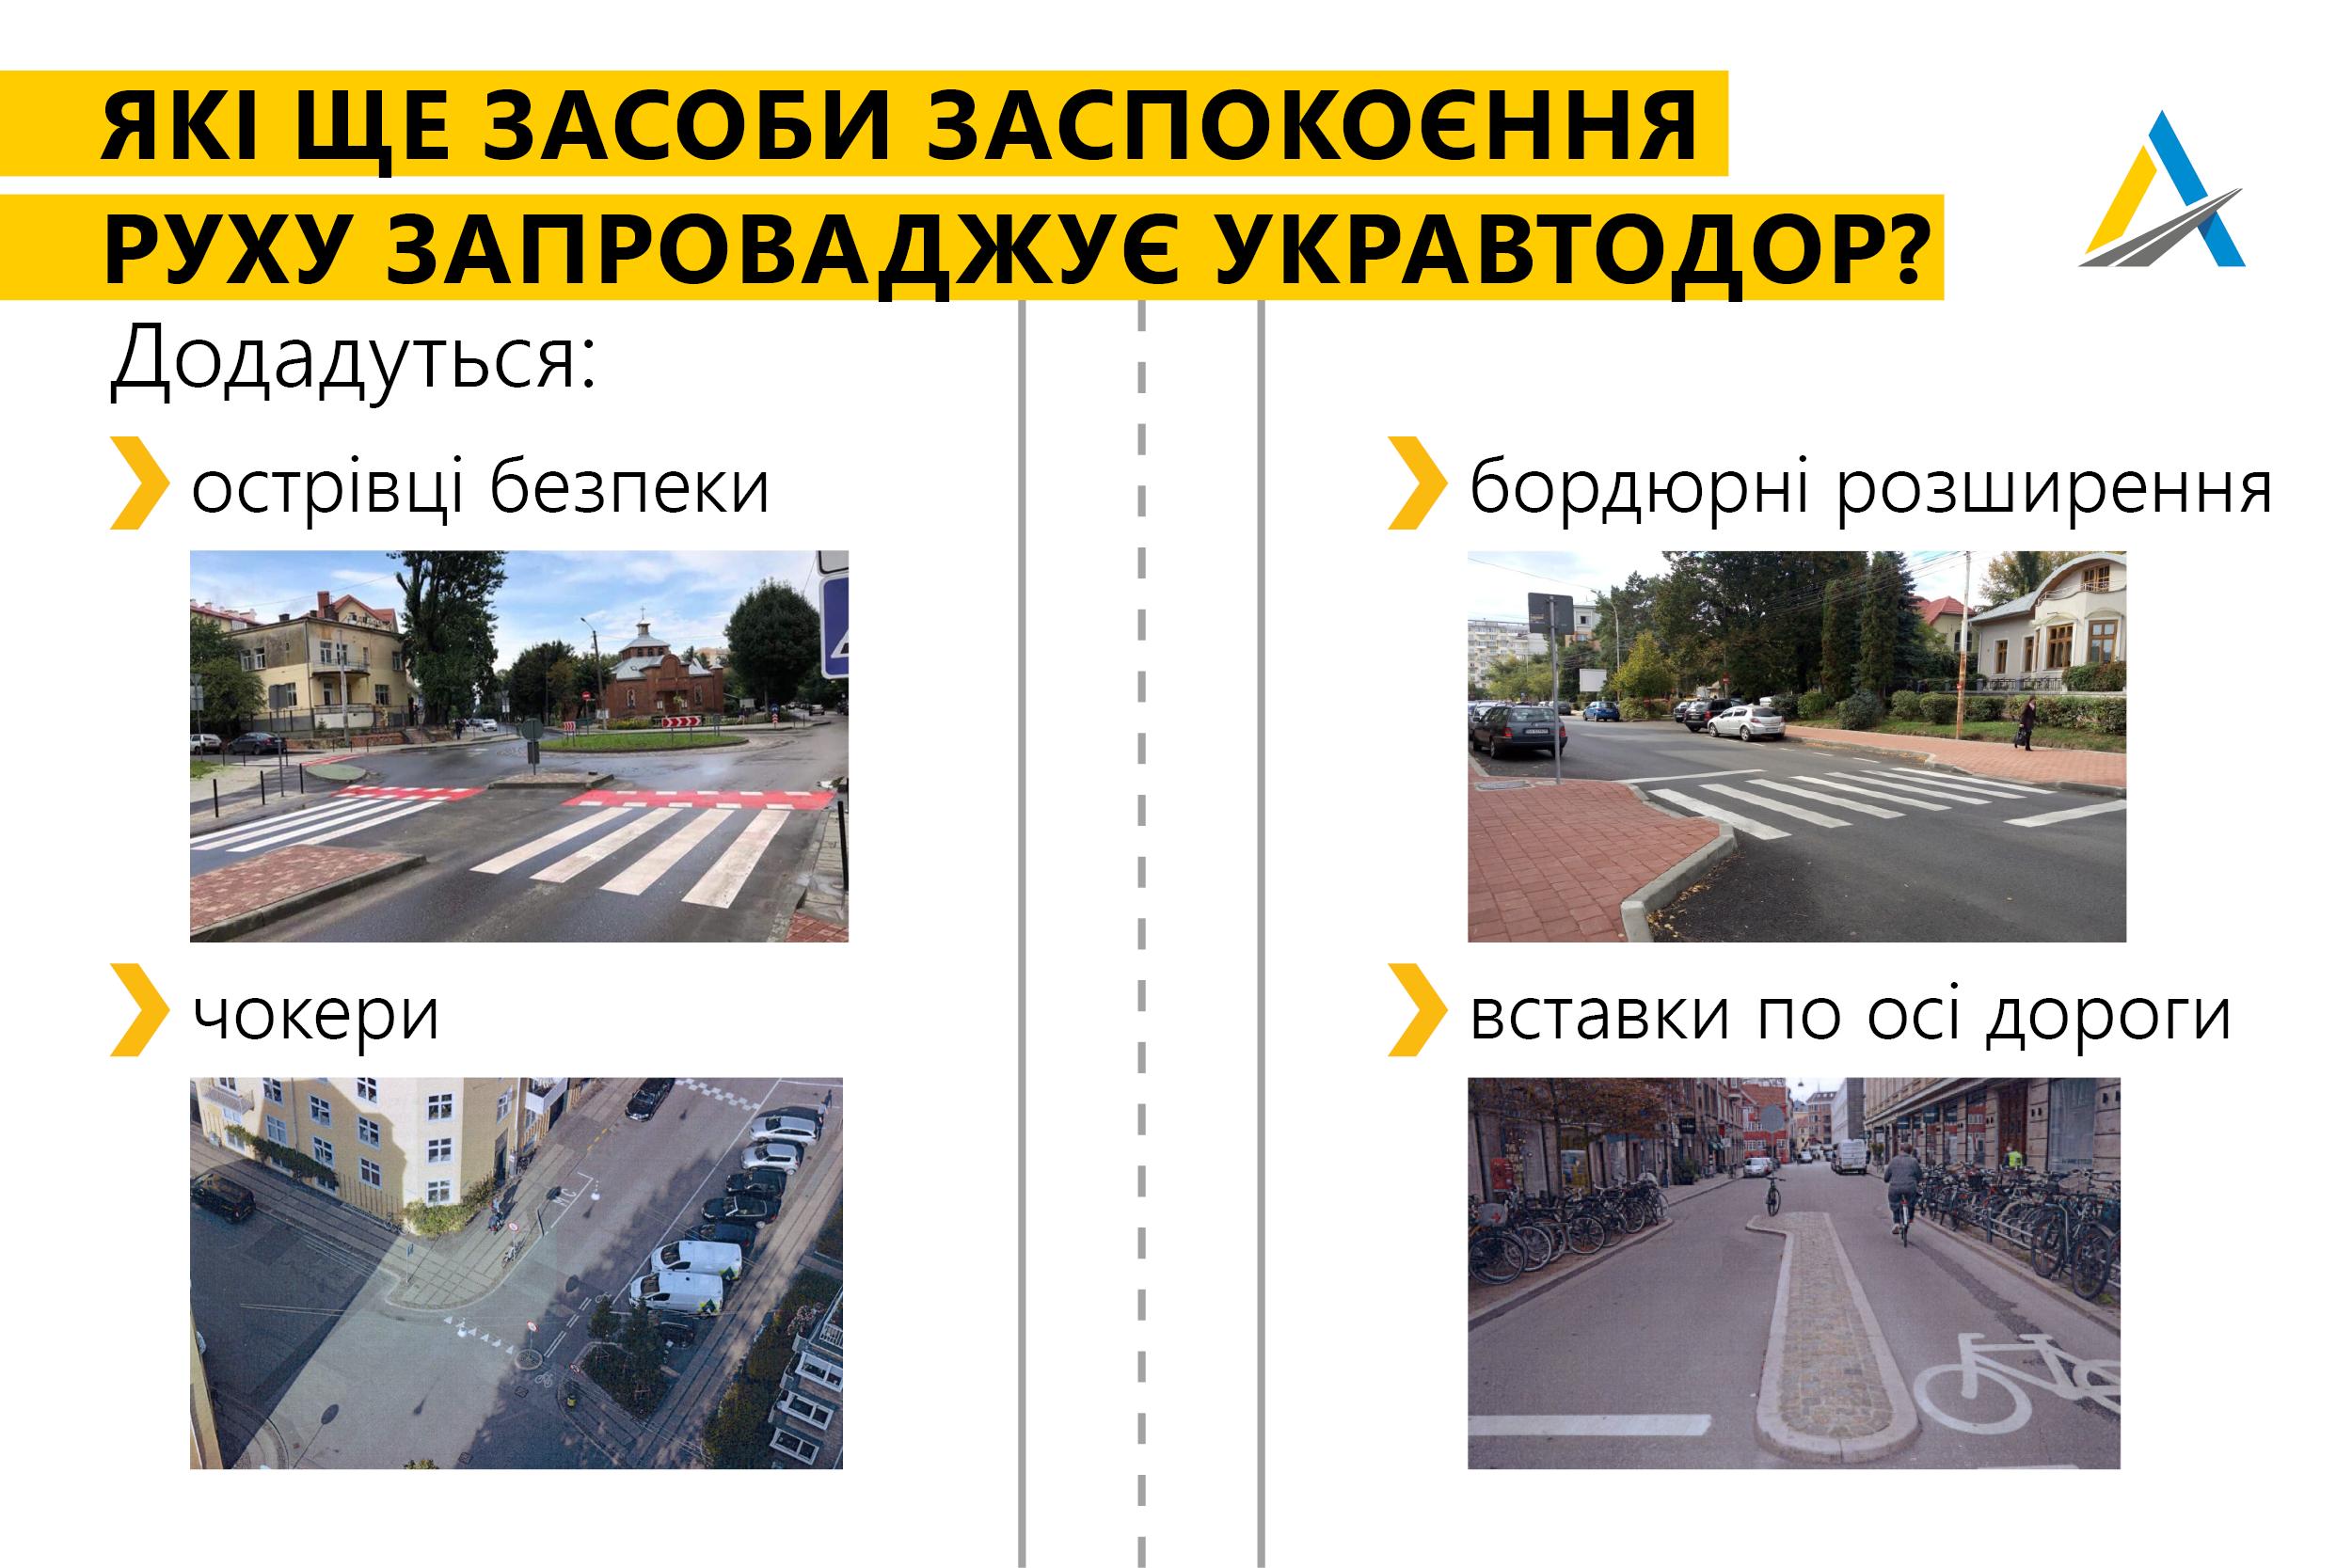 В Украине ввели новые дорожные стандарты: водителей заставят ездить медленнее